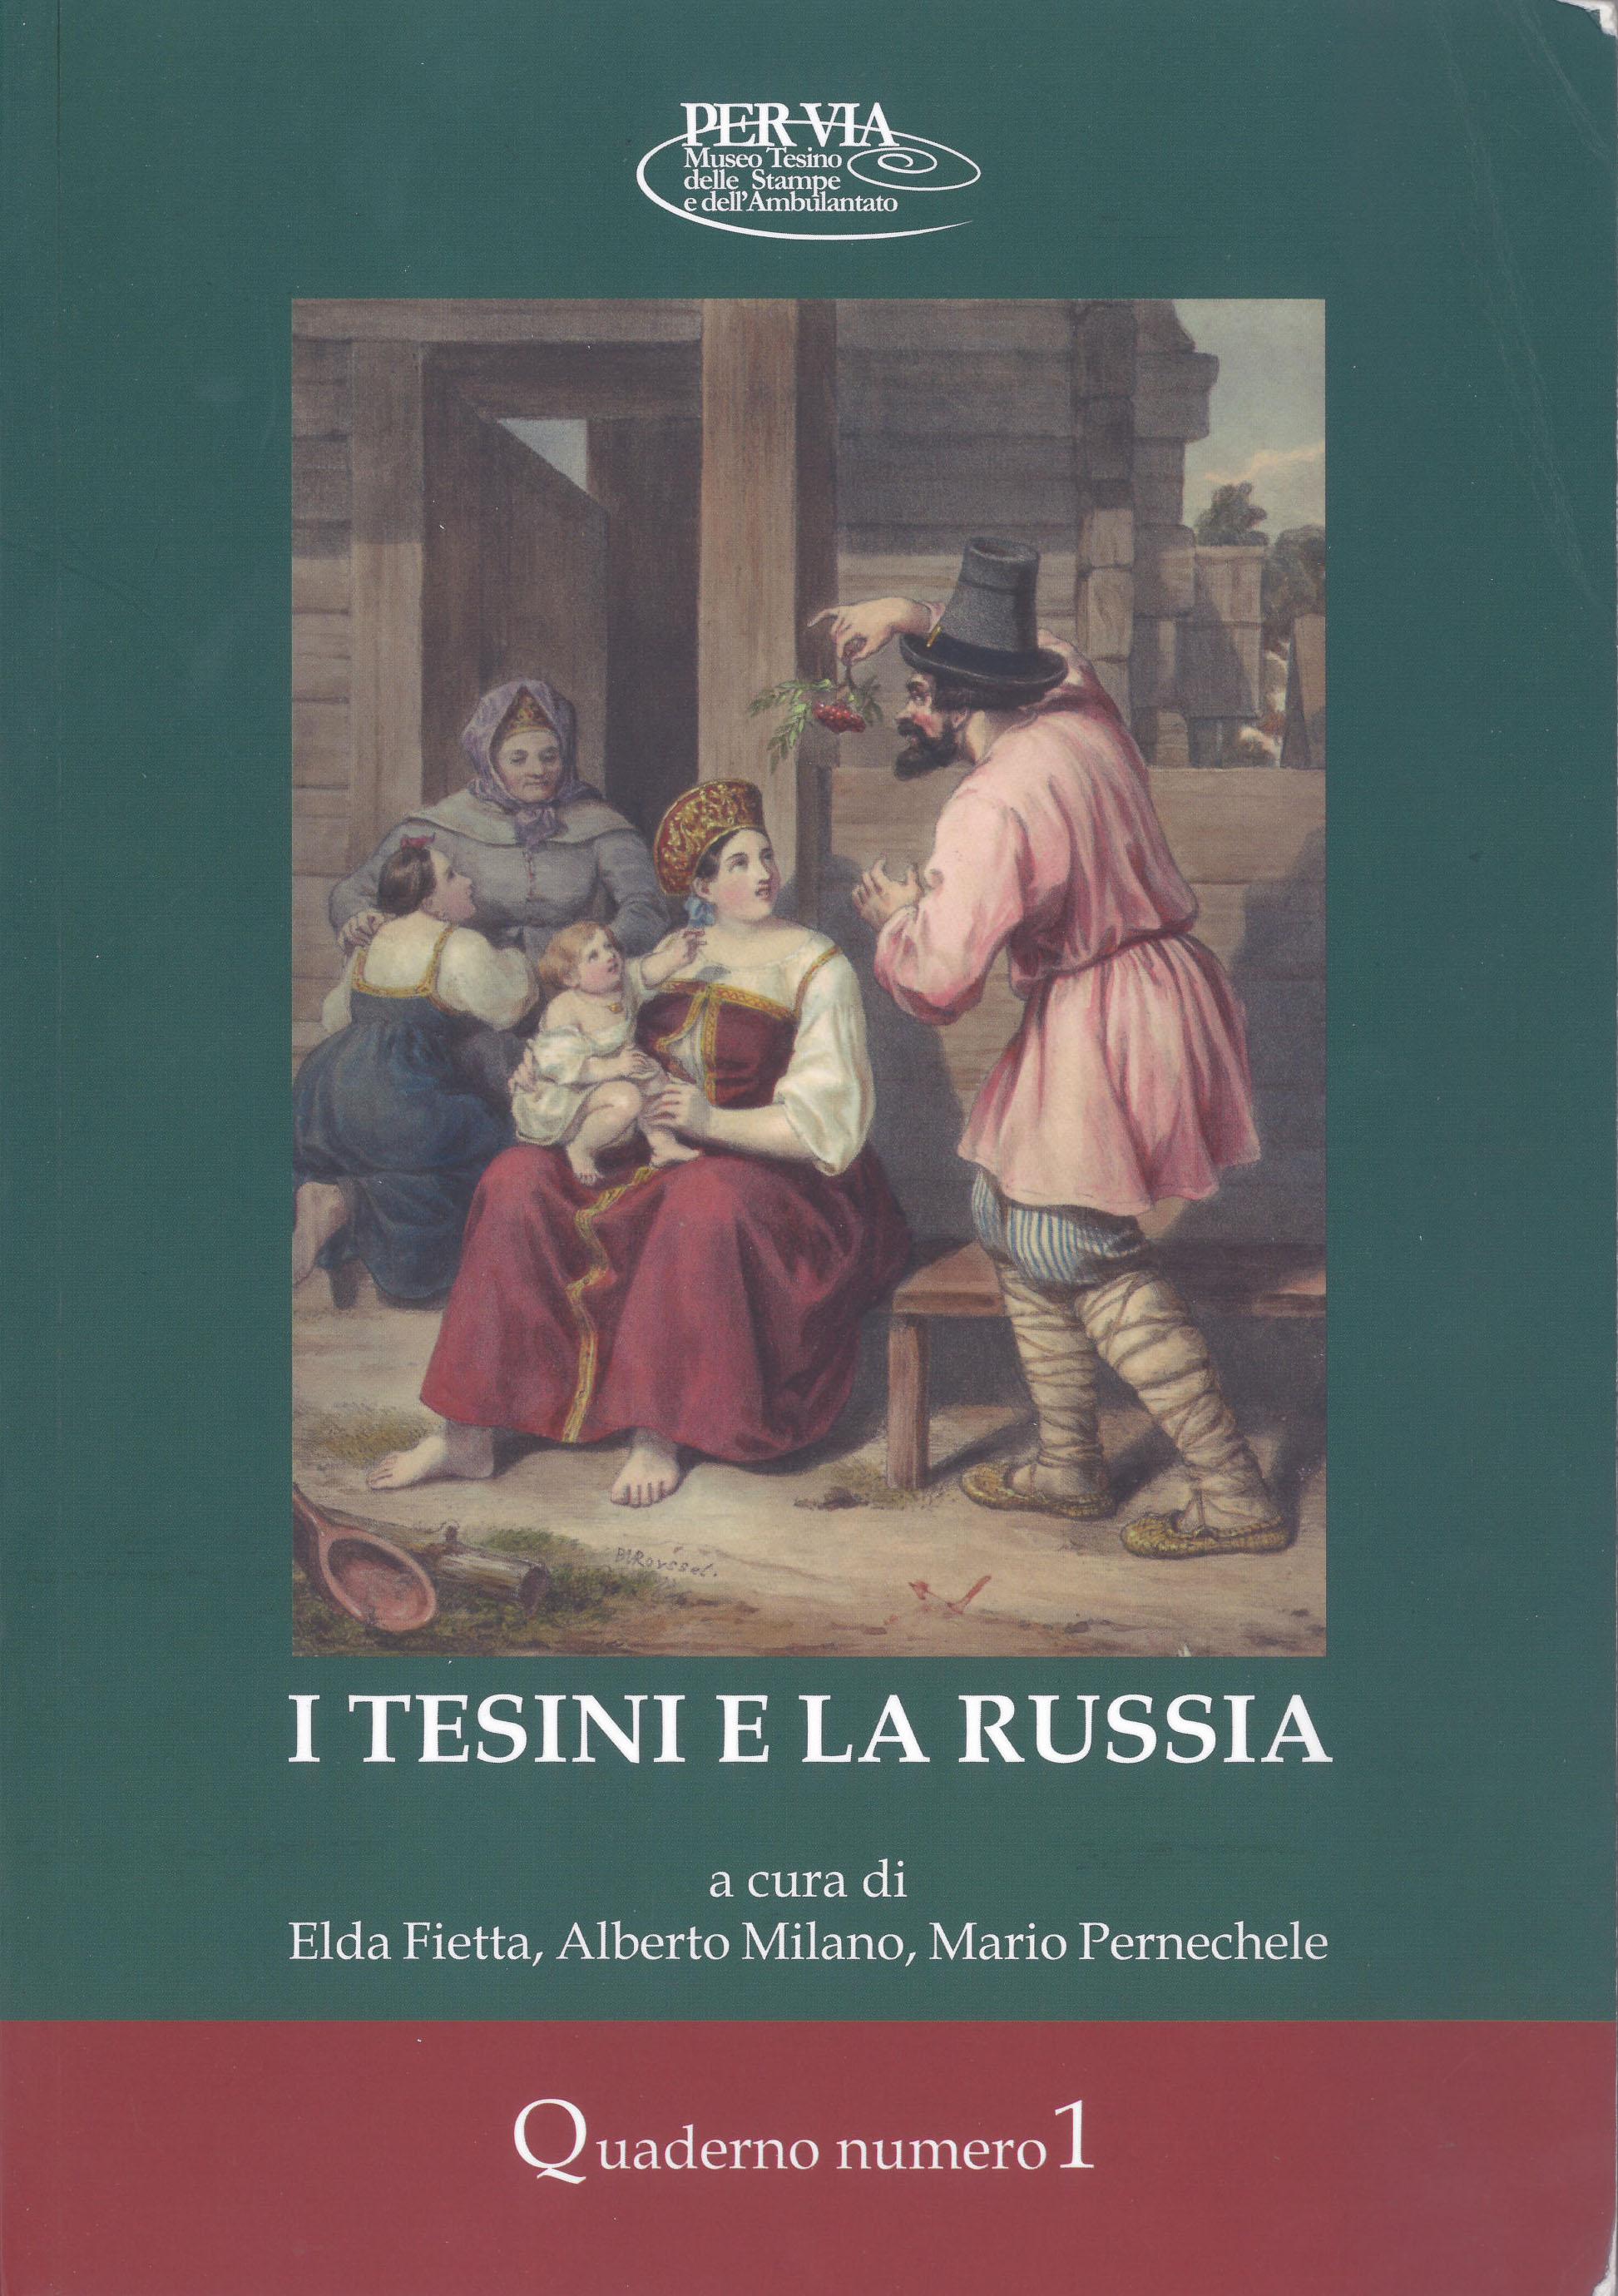 I Tesini e la Russia